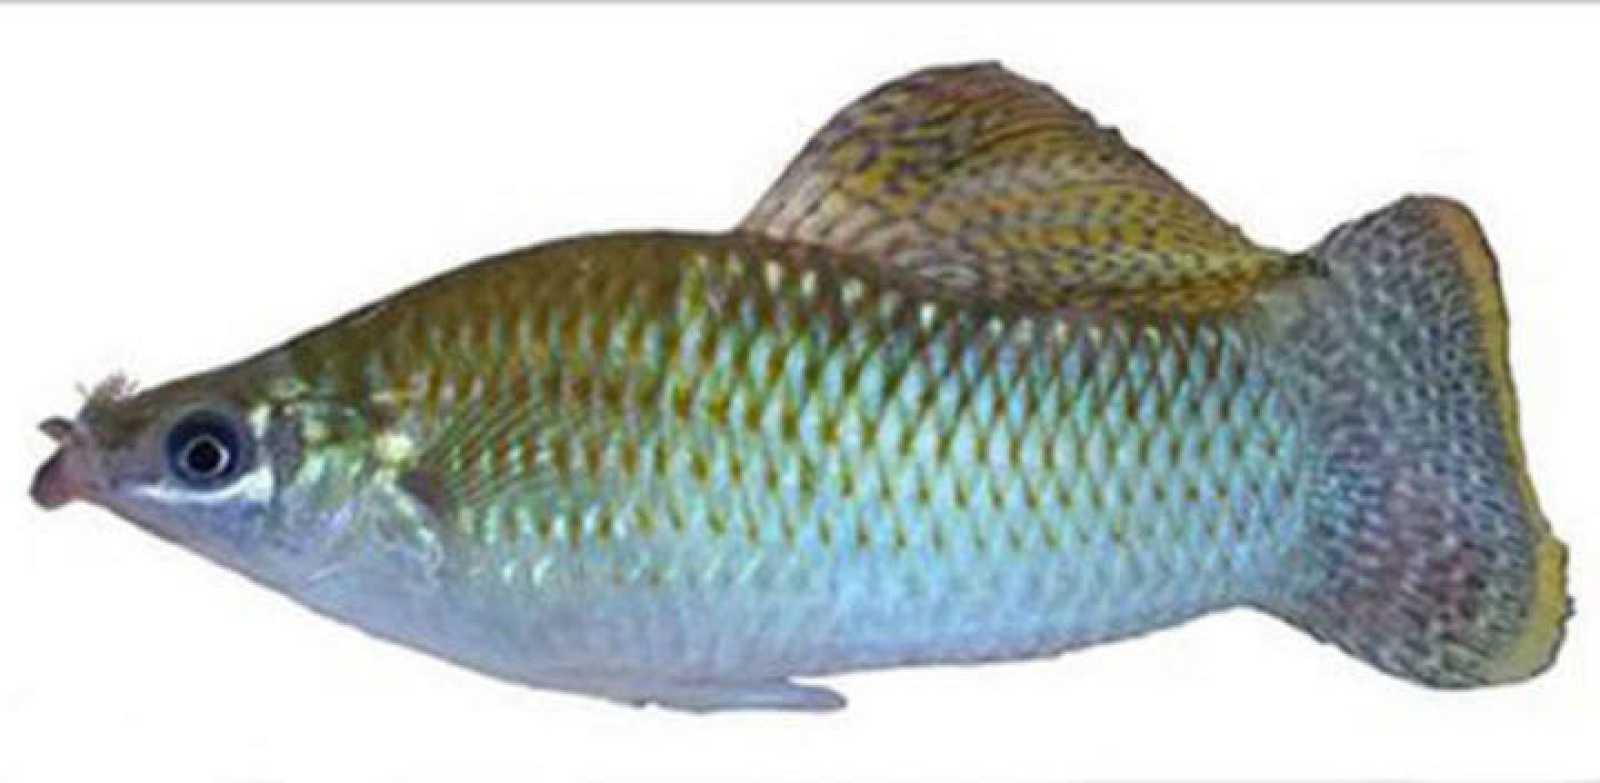 El bigote de los peces mexicanos